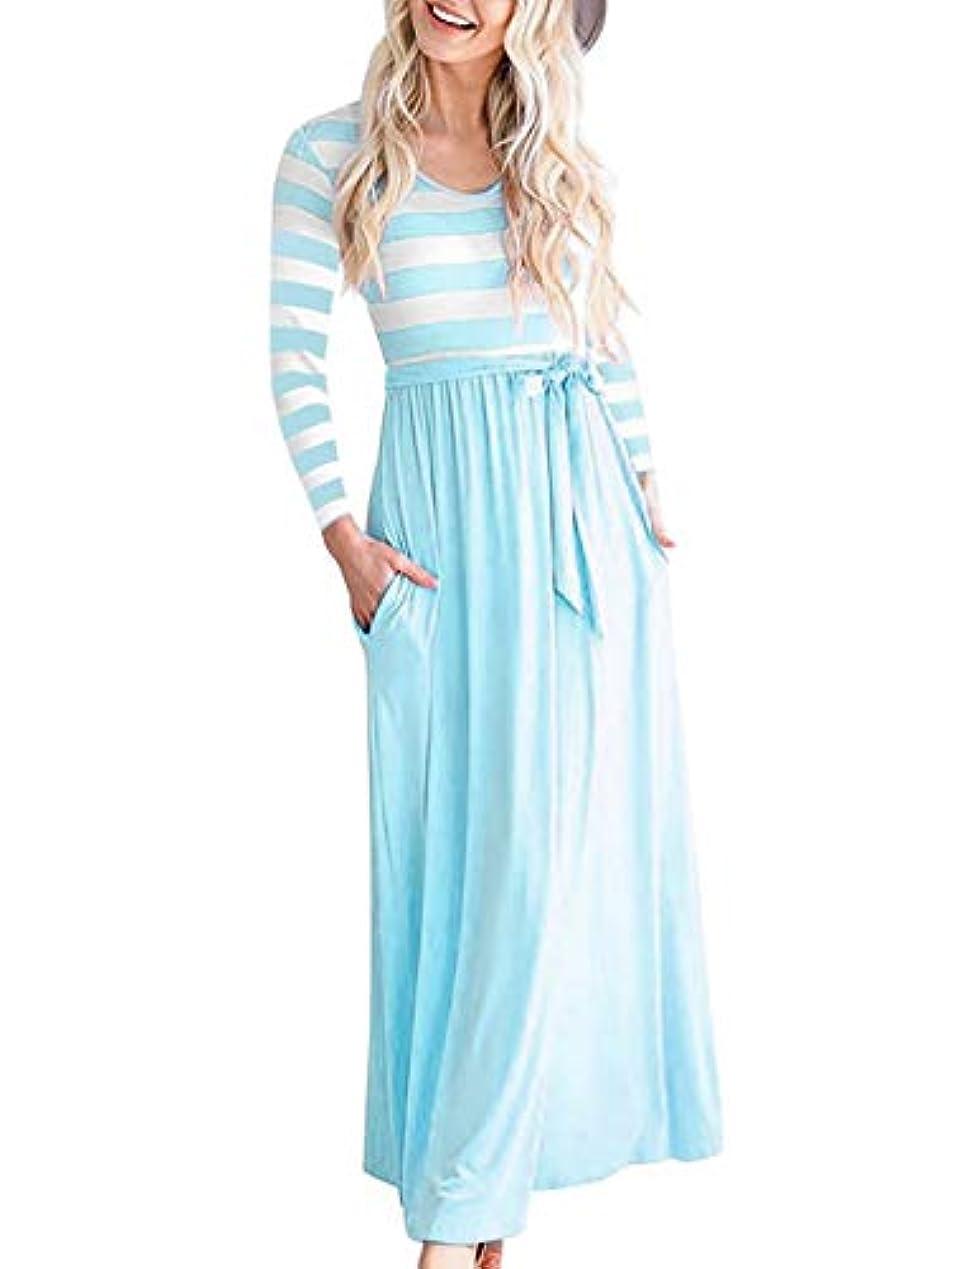 置くためにパック請負業者シャトル女性のドレス 秋コットンルーズファッション長袖印刷ストライプOネックカジュアルドレス